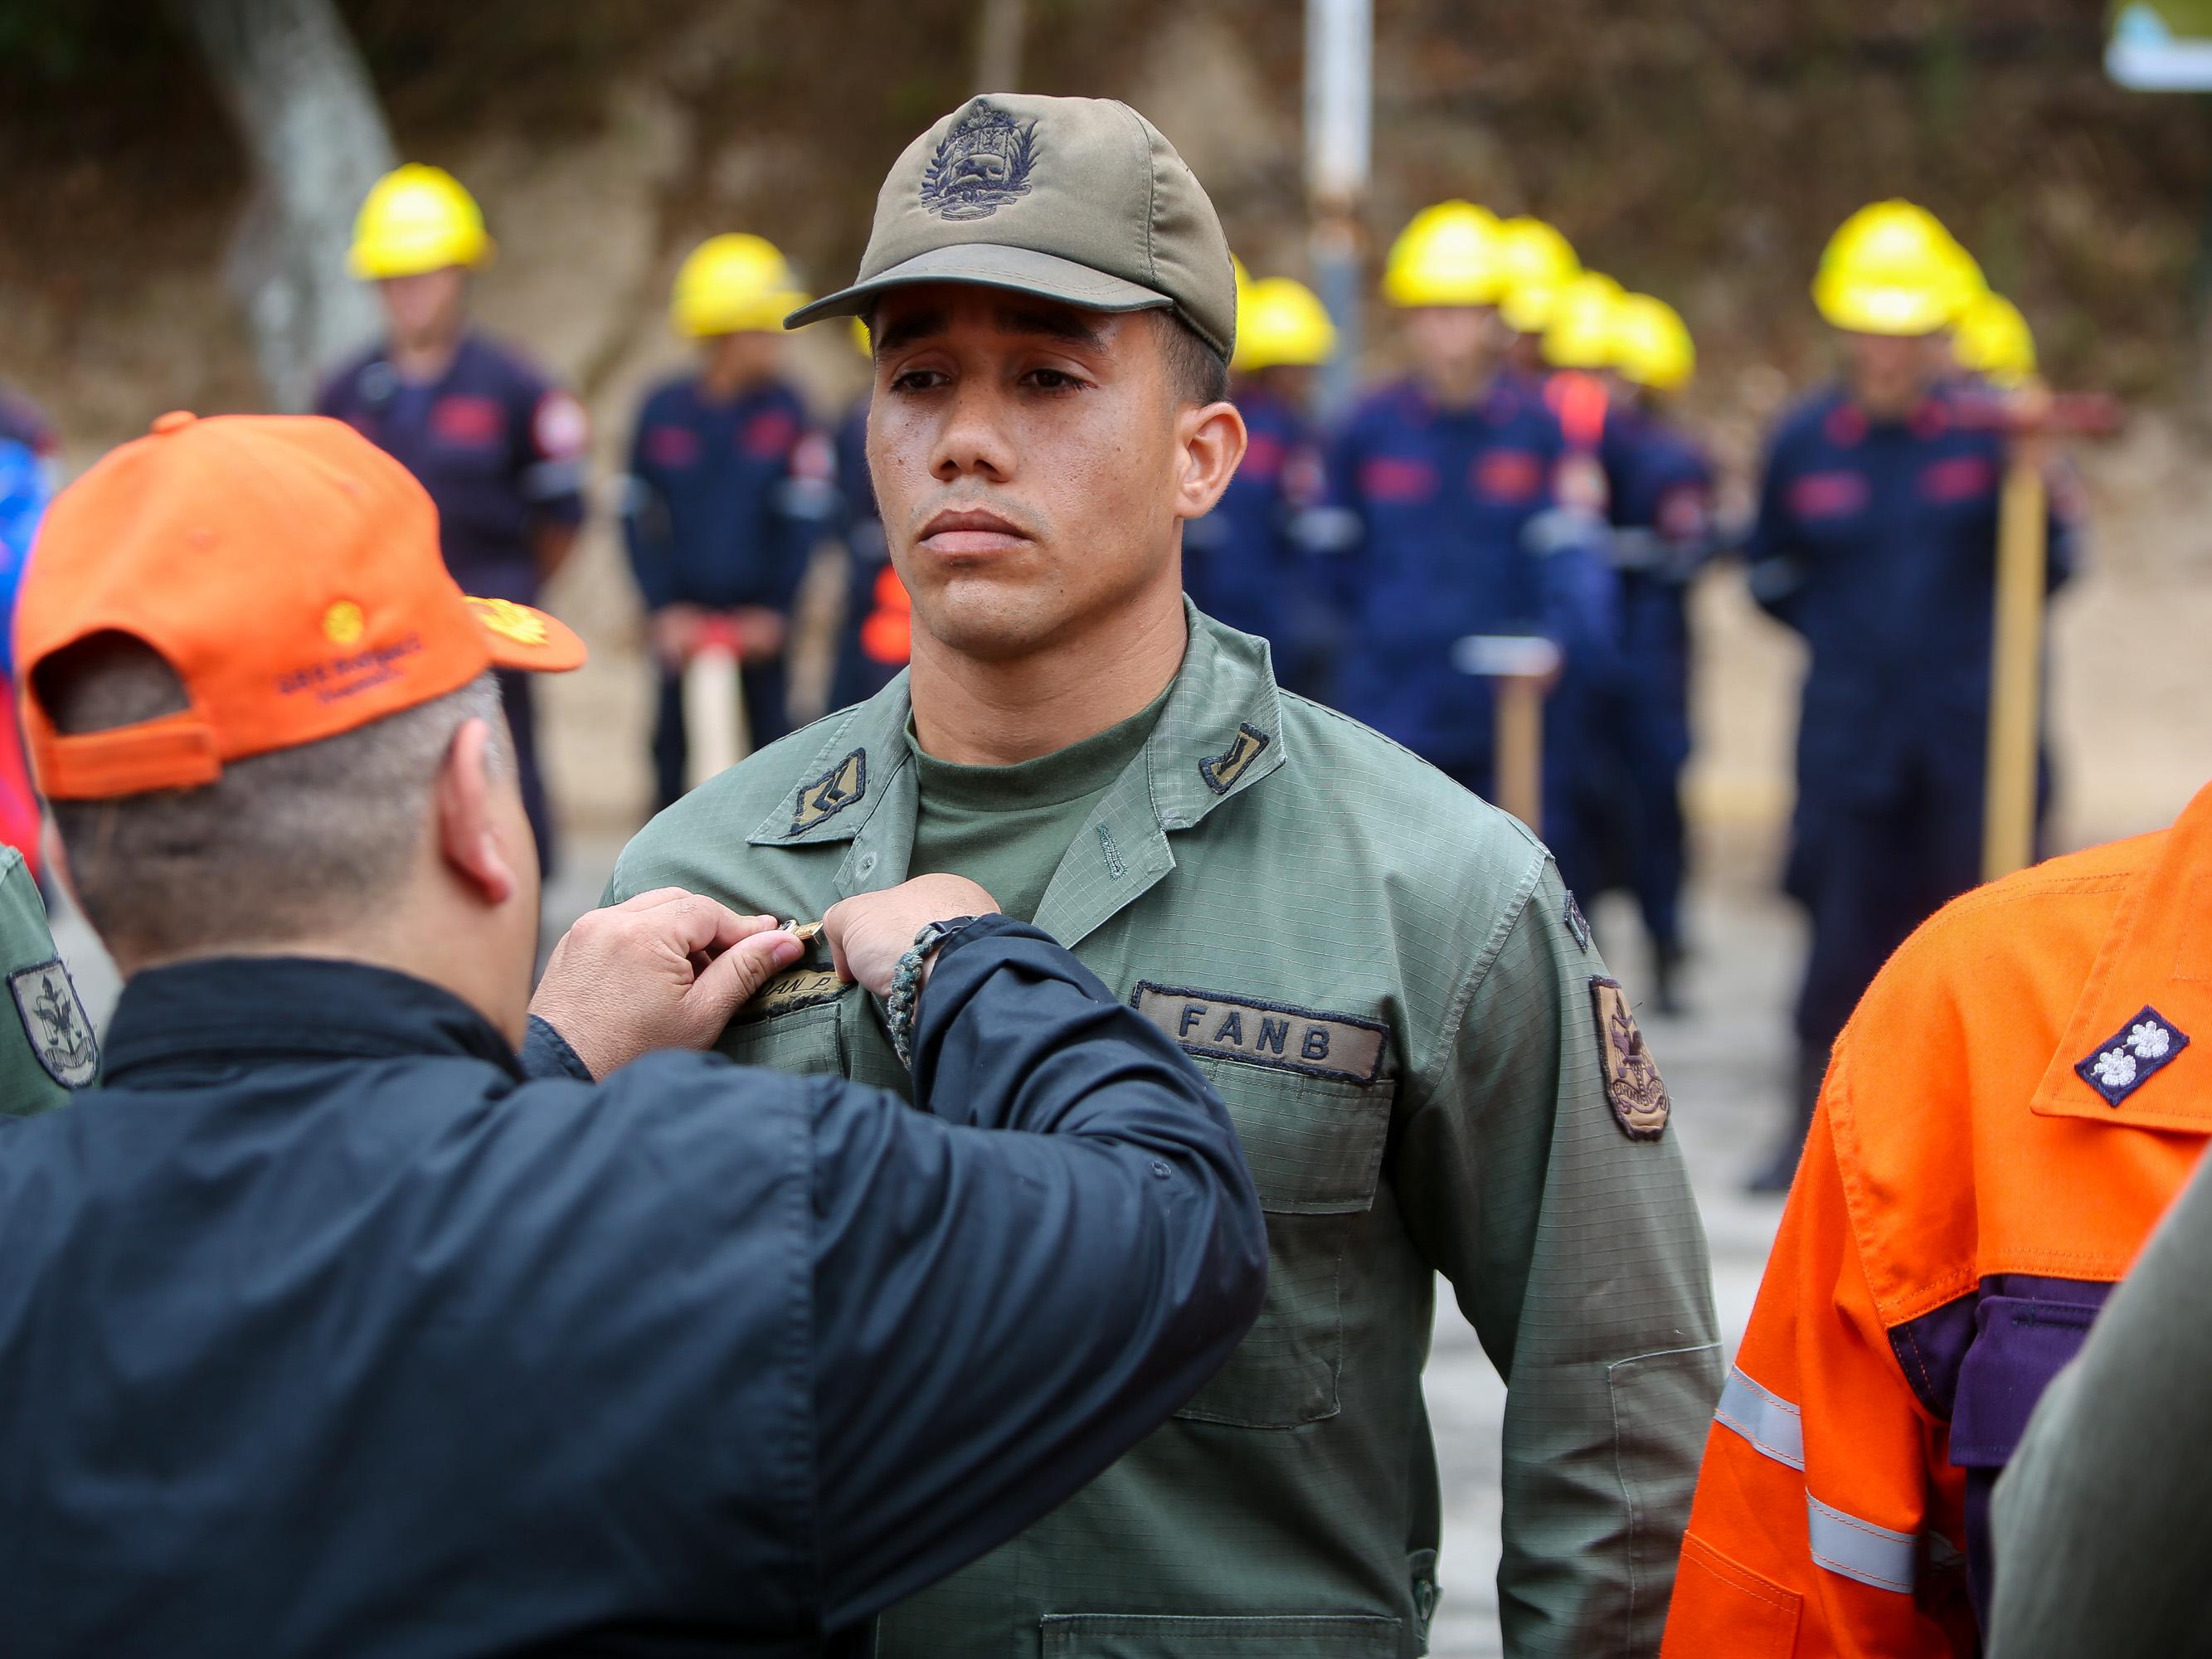 Condecorados héroes forestales por su valentía y coraje en el resguardo de las áreas naturales (14)